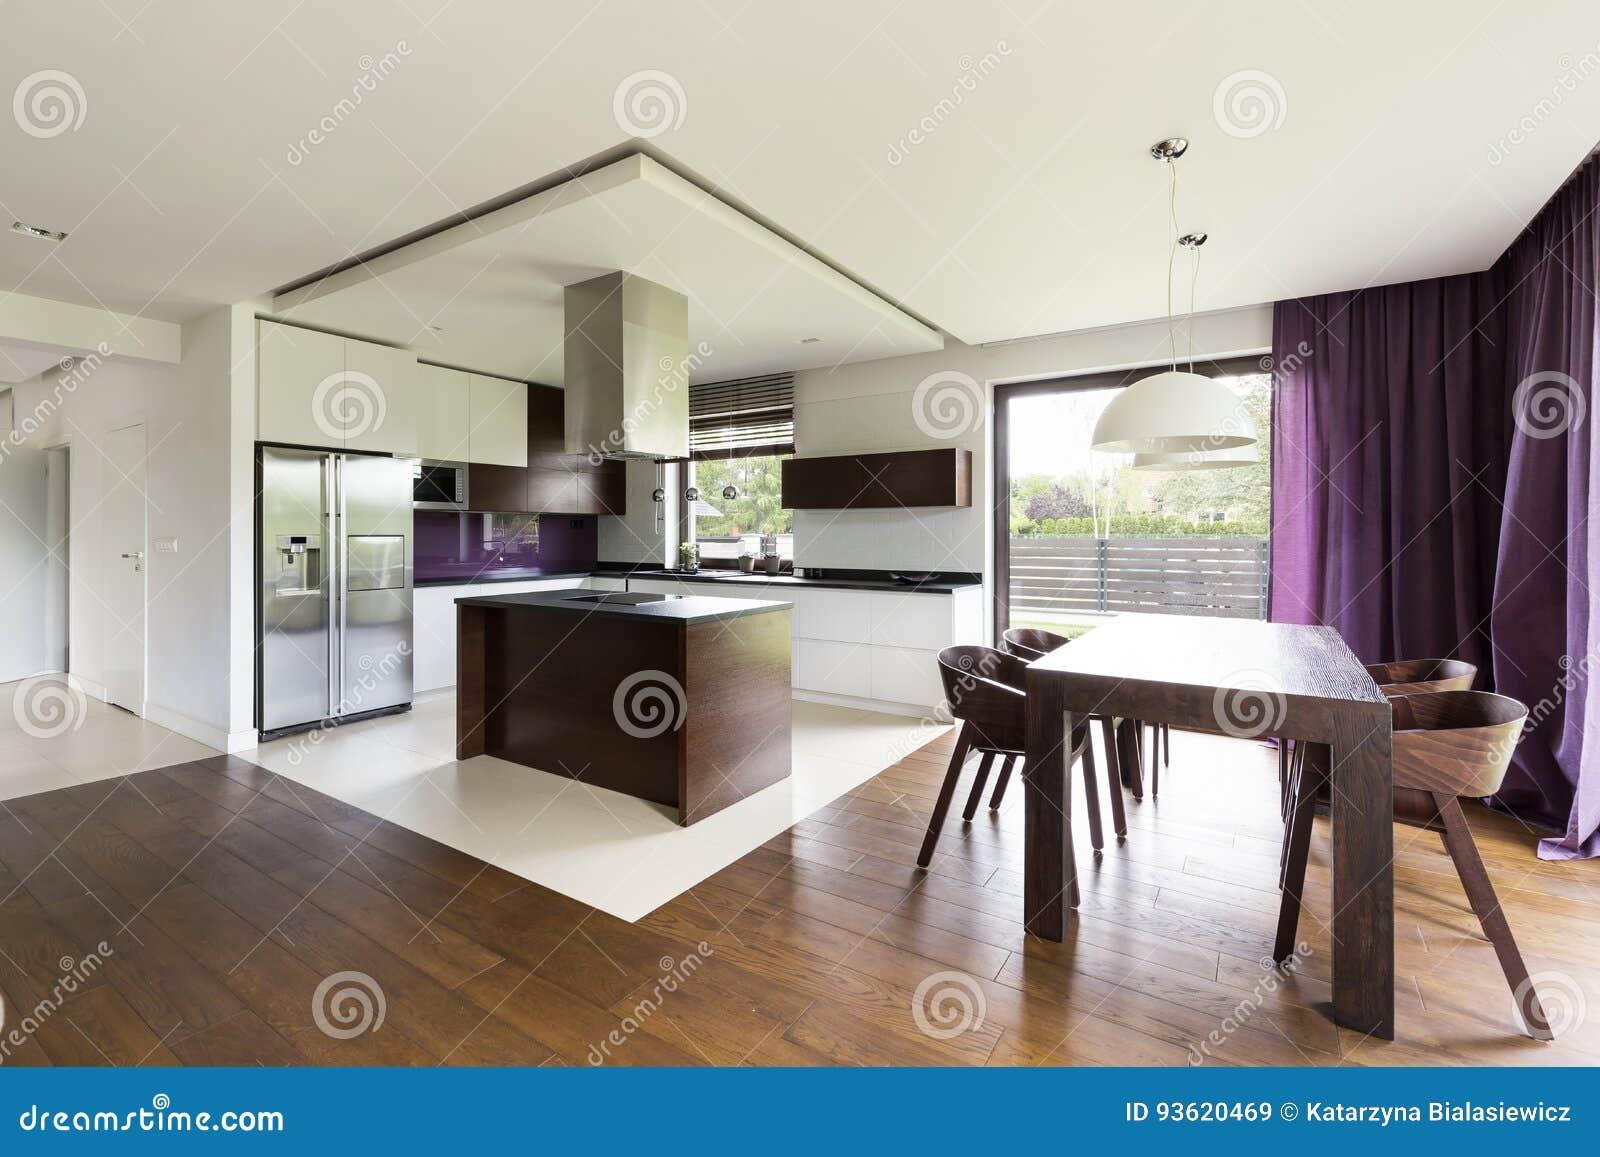 Moderne Offene Kuche Mit Holztisch Stockbild Bild Von Funktionell